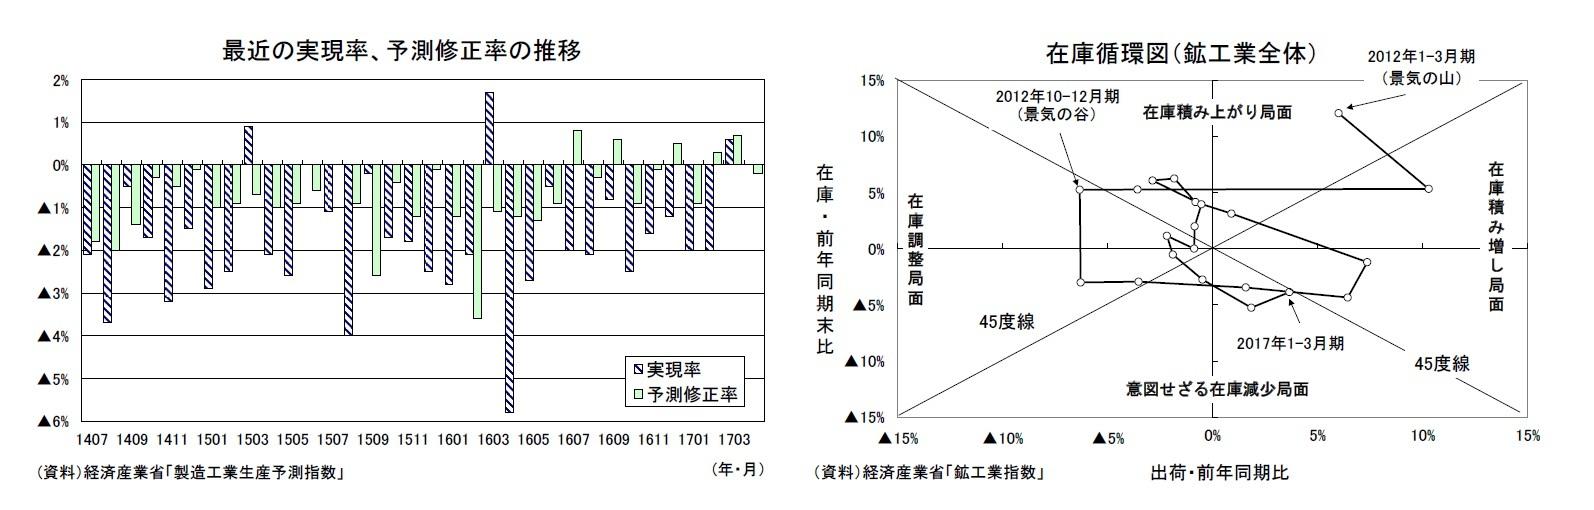 最近の実現率、予測修正率の推移/在庫循環図(鉱工業全体)